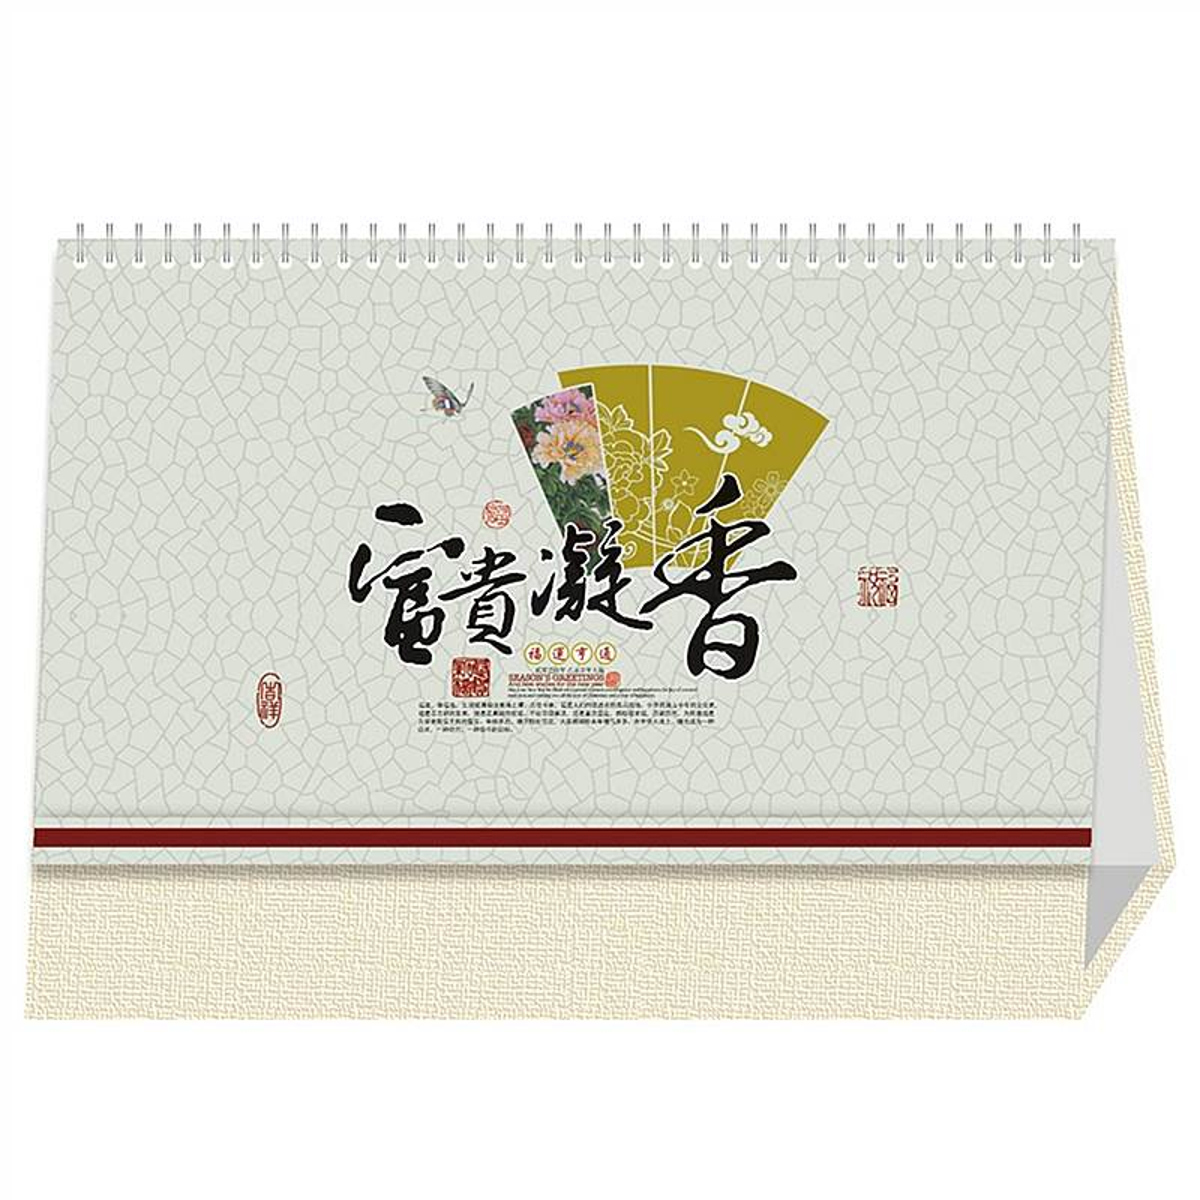 国产定制BG-15081台历/台历芯(本)